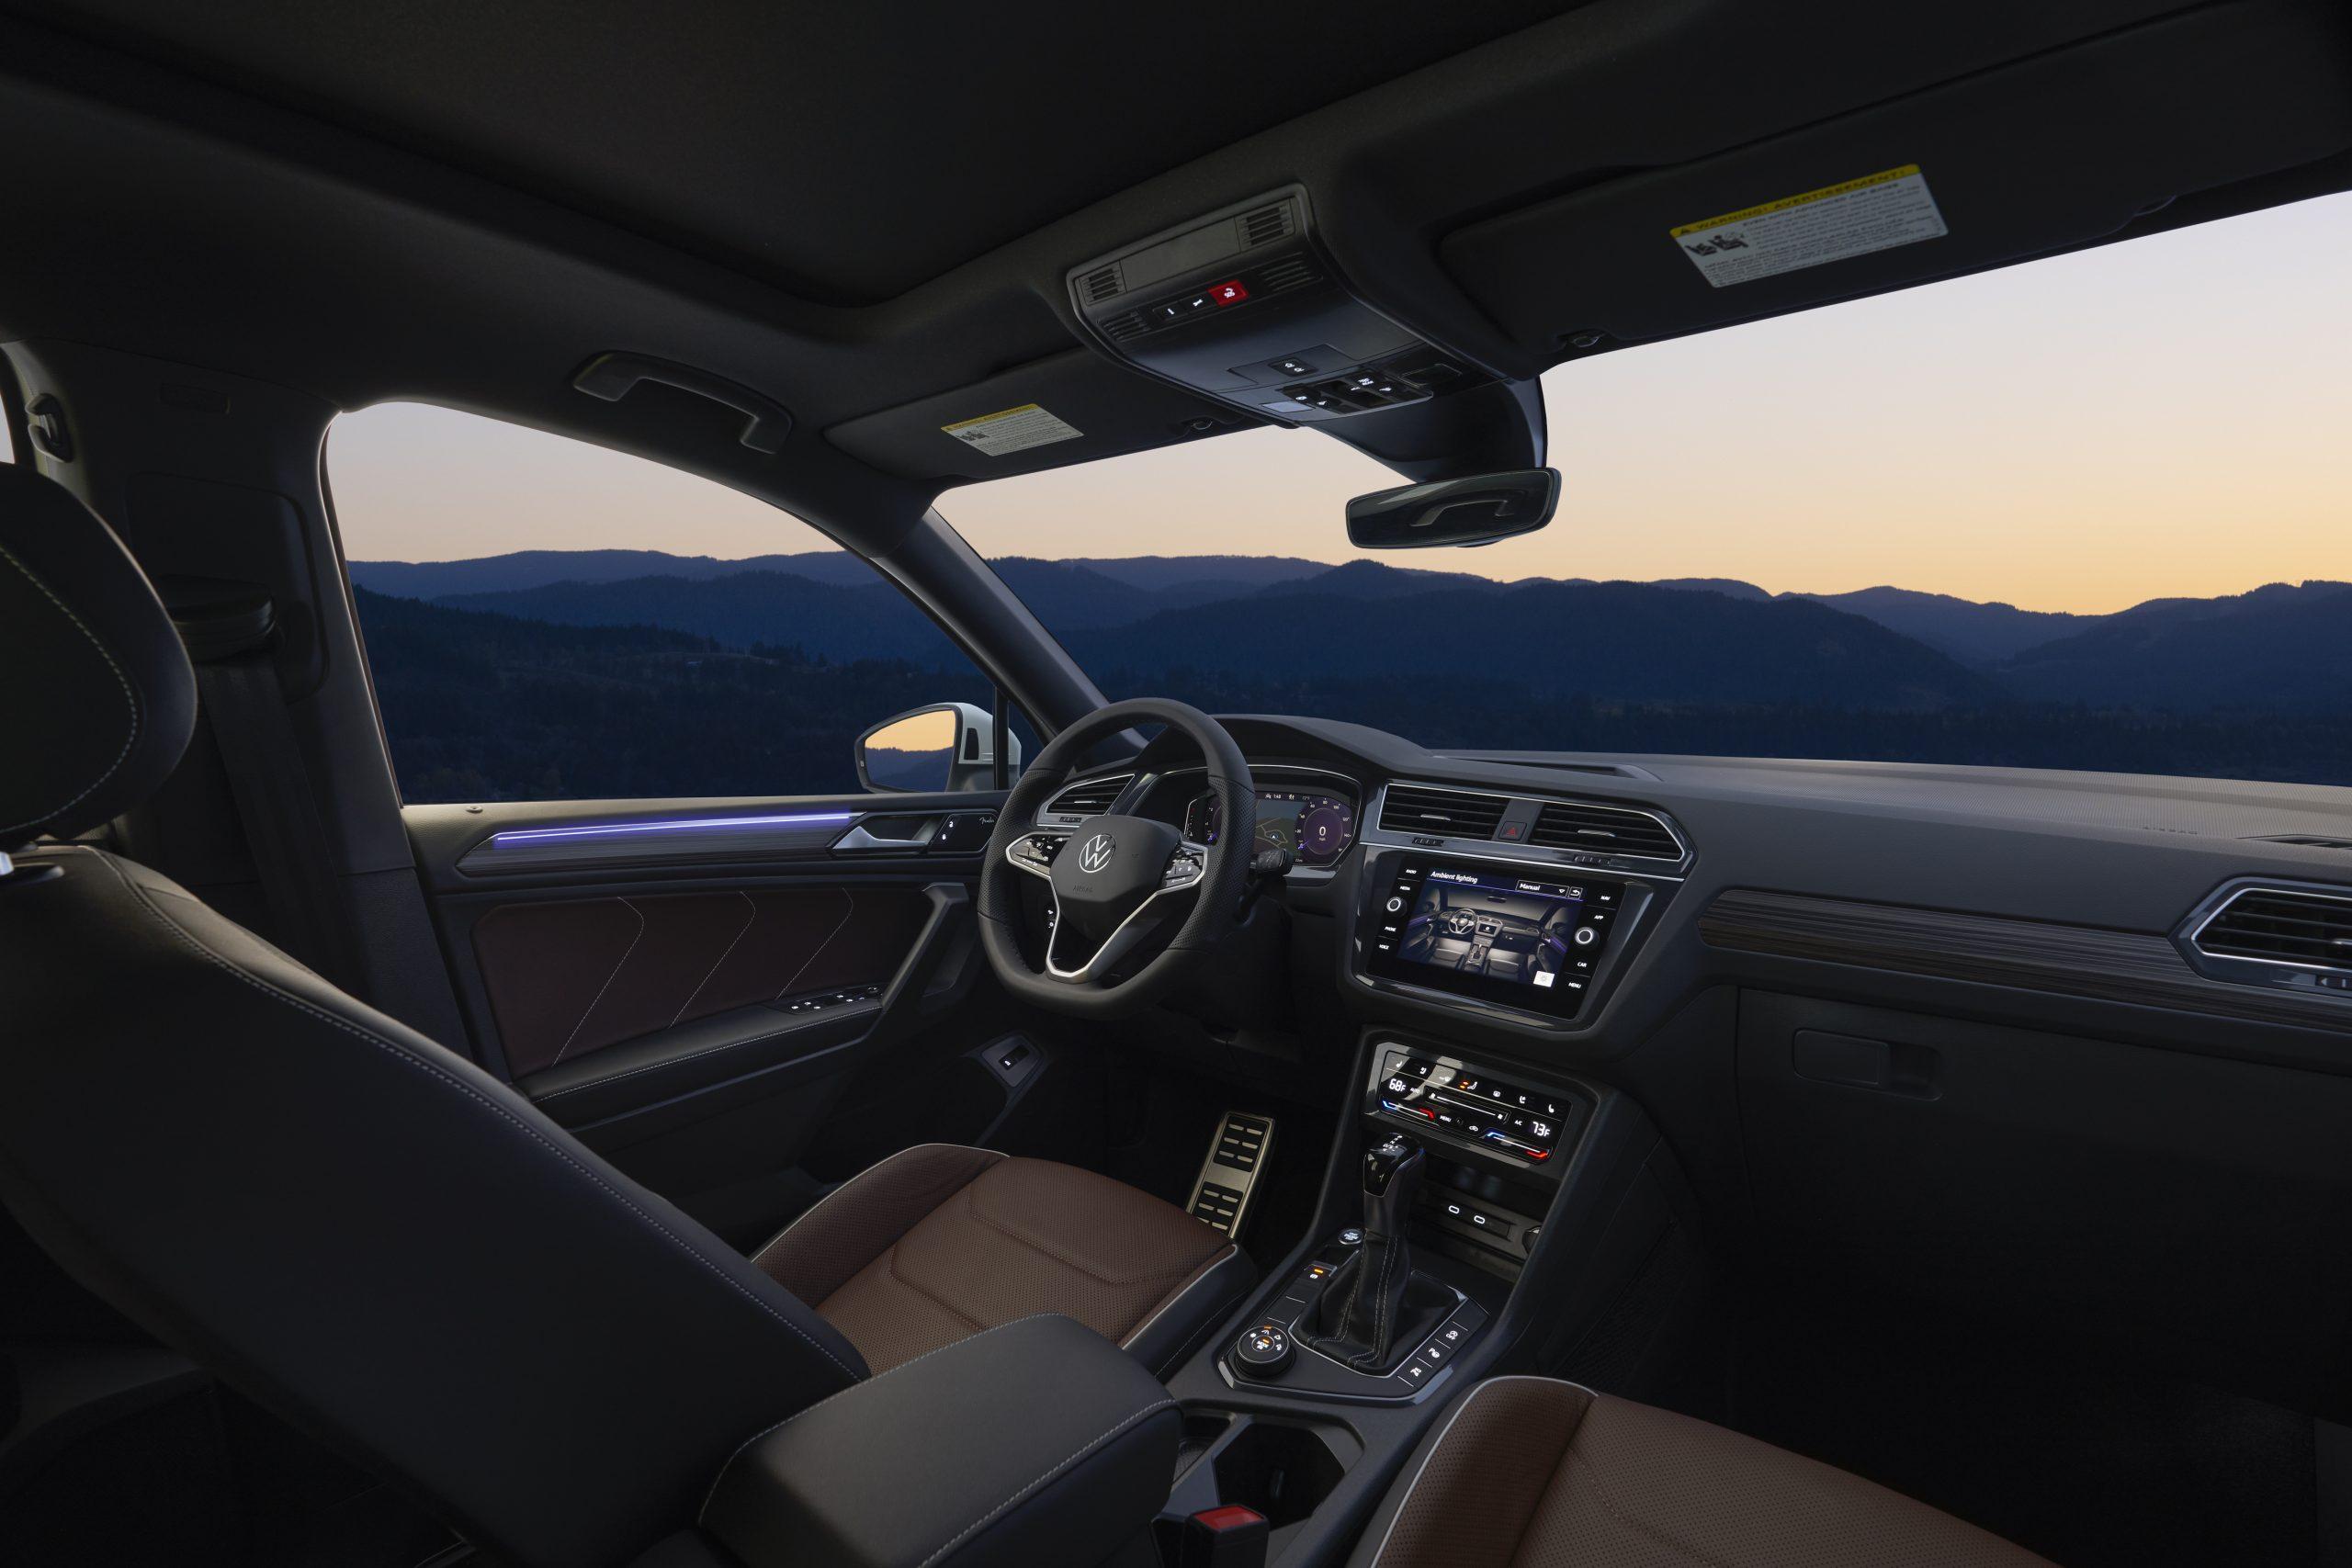 2022 VW Tiguan facelift interior